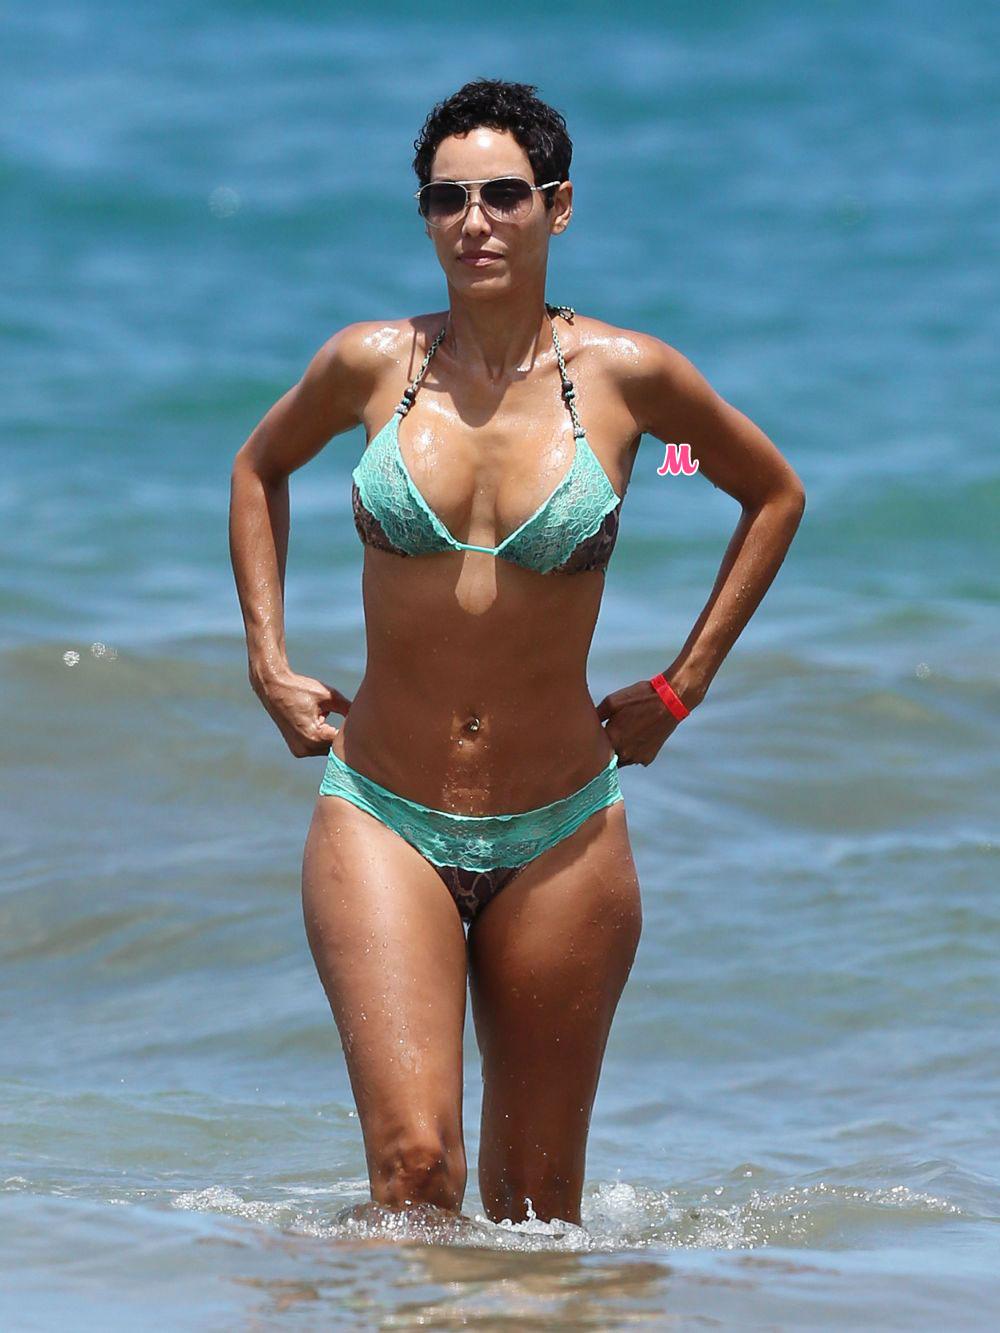 Femmes nues en bikini